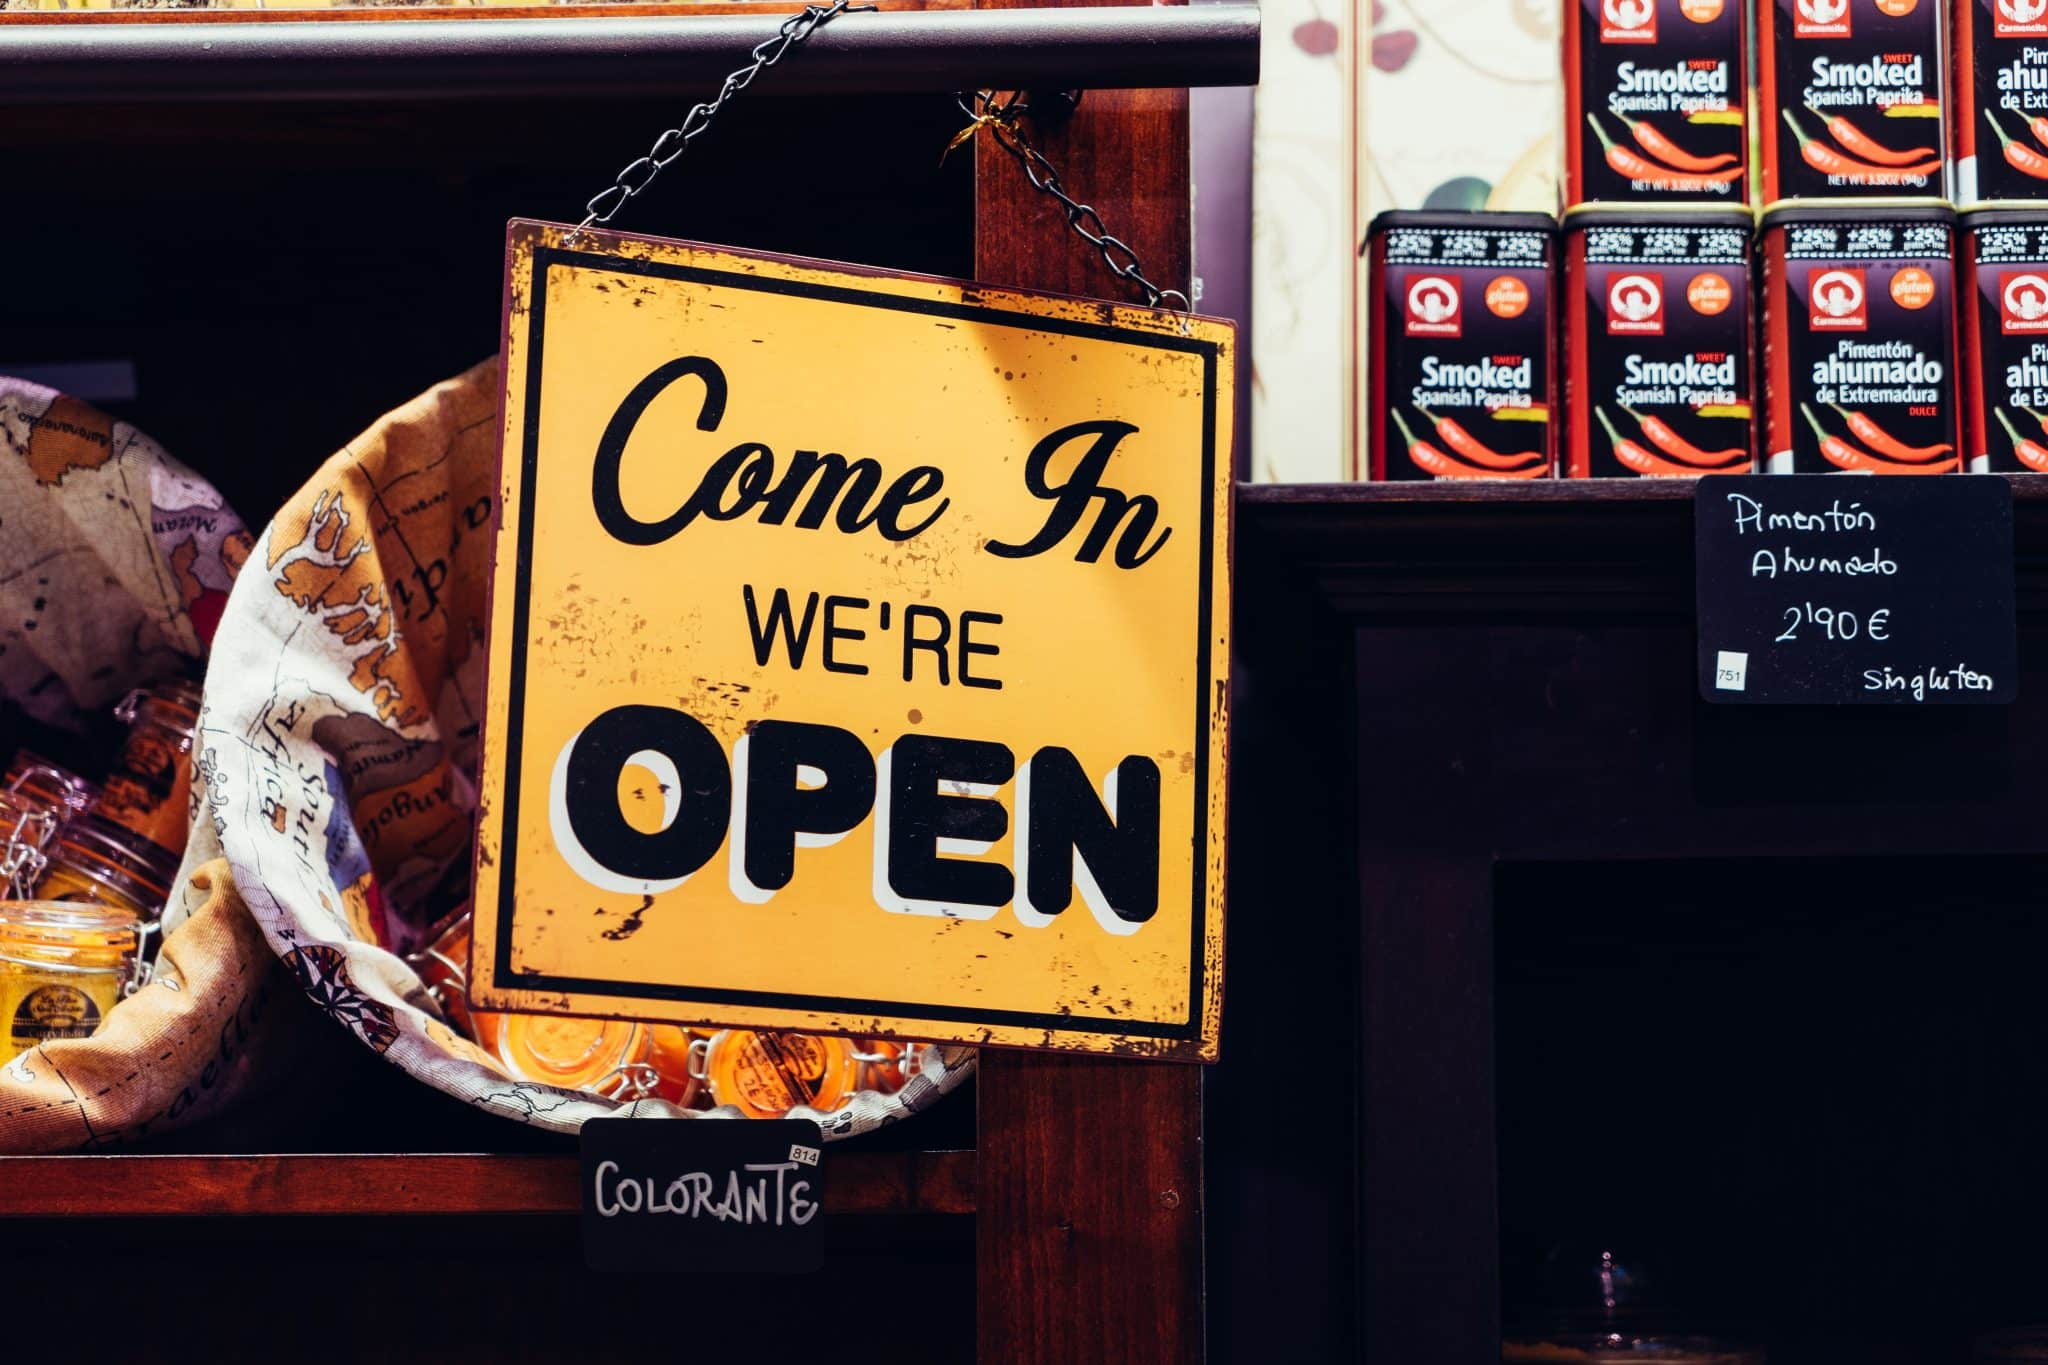 Open sign - Photo by Álvaro Serrano